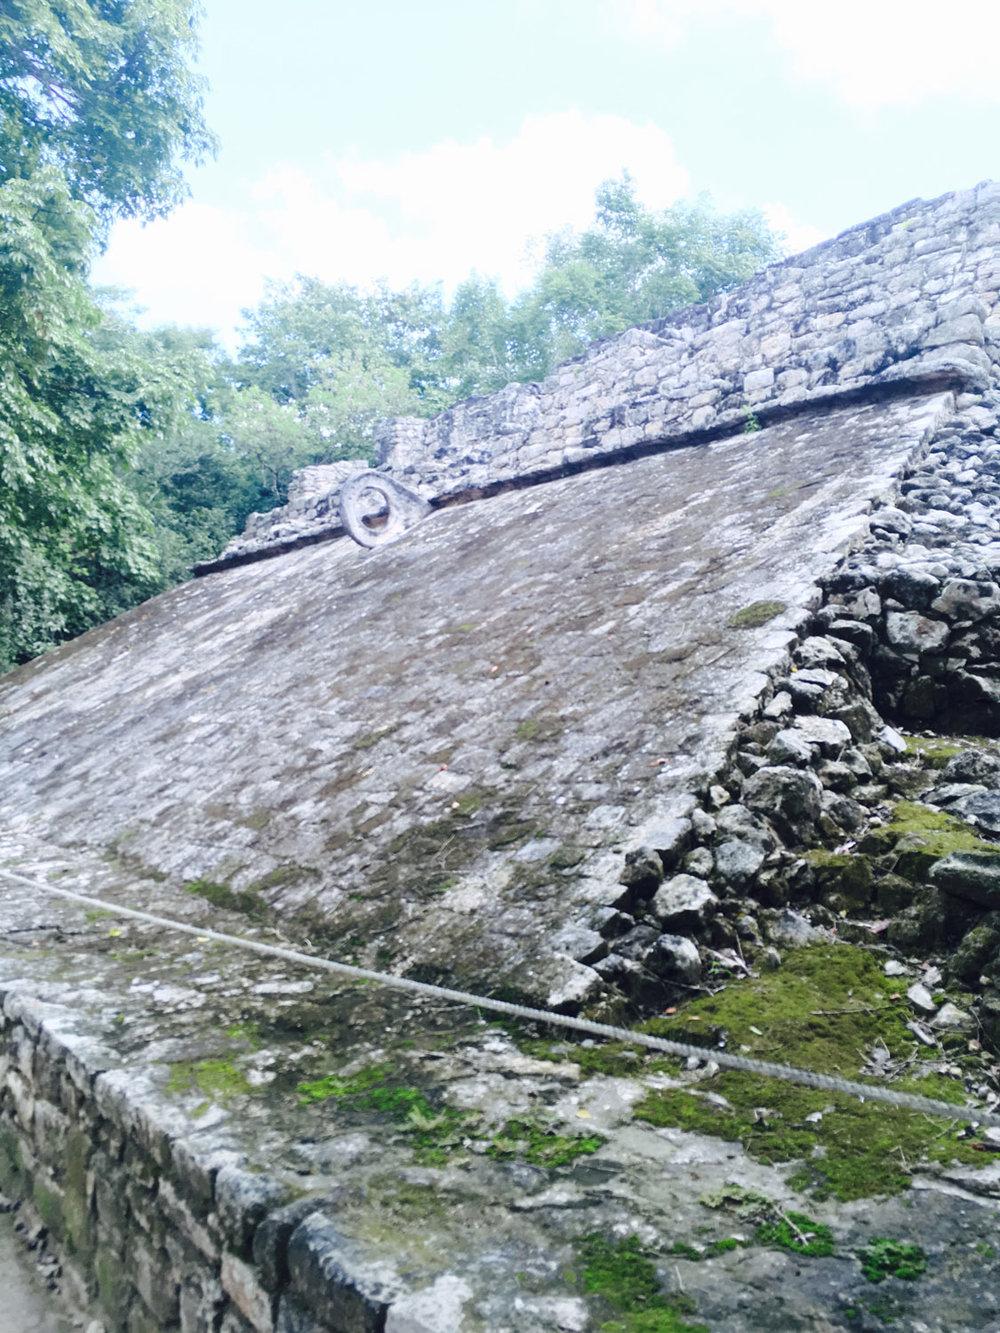 Hammocks_and_Ruins_Blog_Riviera_Maya_Mexico_Travel_Discover_Explore_Yucatan_Pyramid_Temple_Coba_Ruins_4.jpg